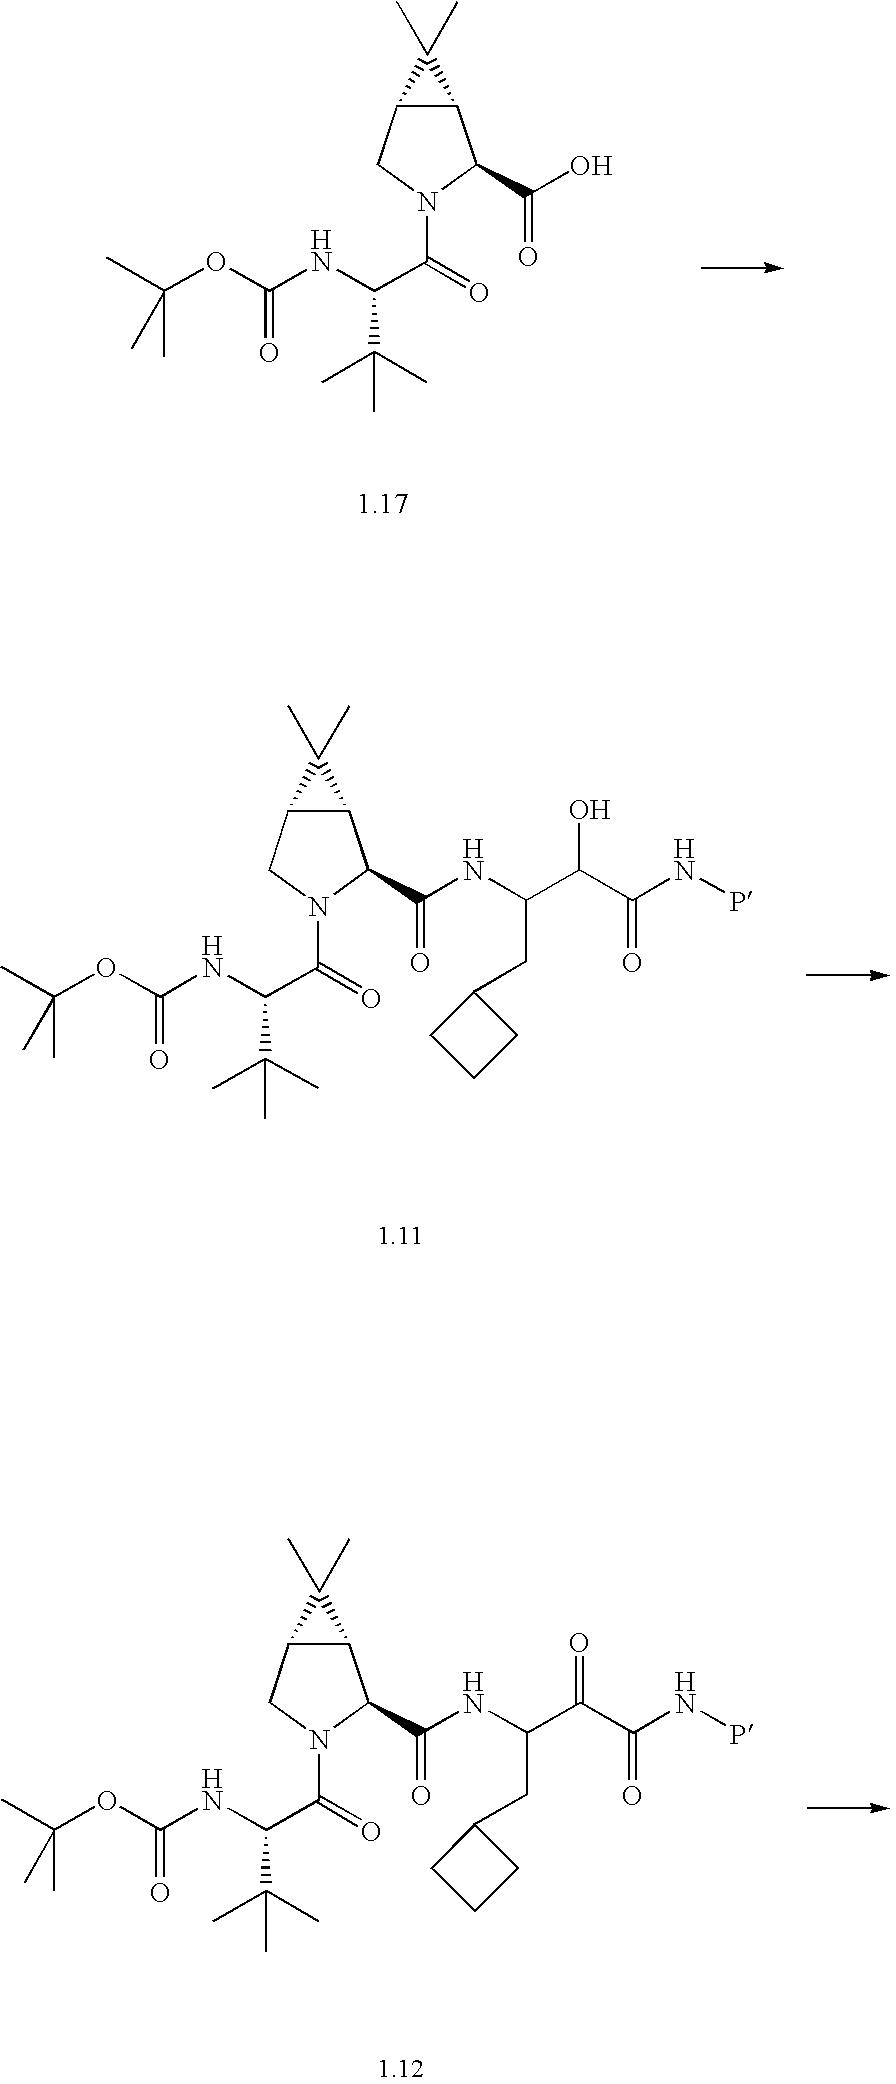 Figure US20060287248A1-20061221-C00606